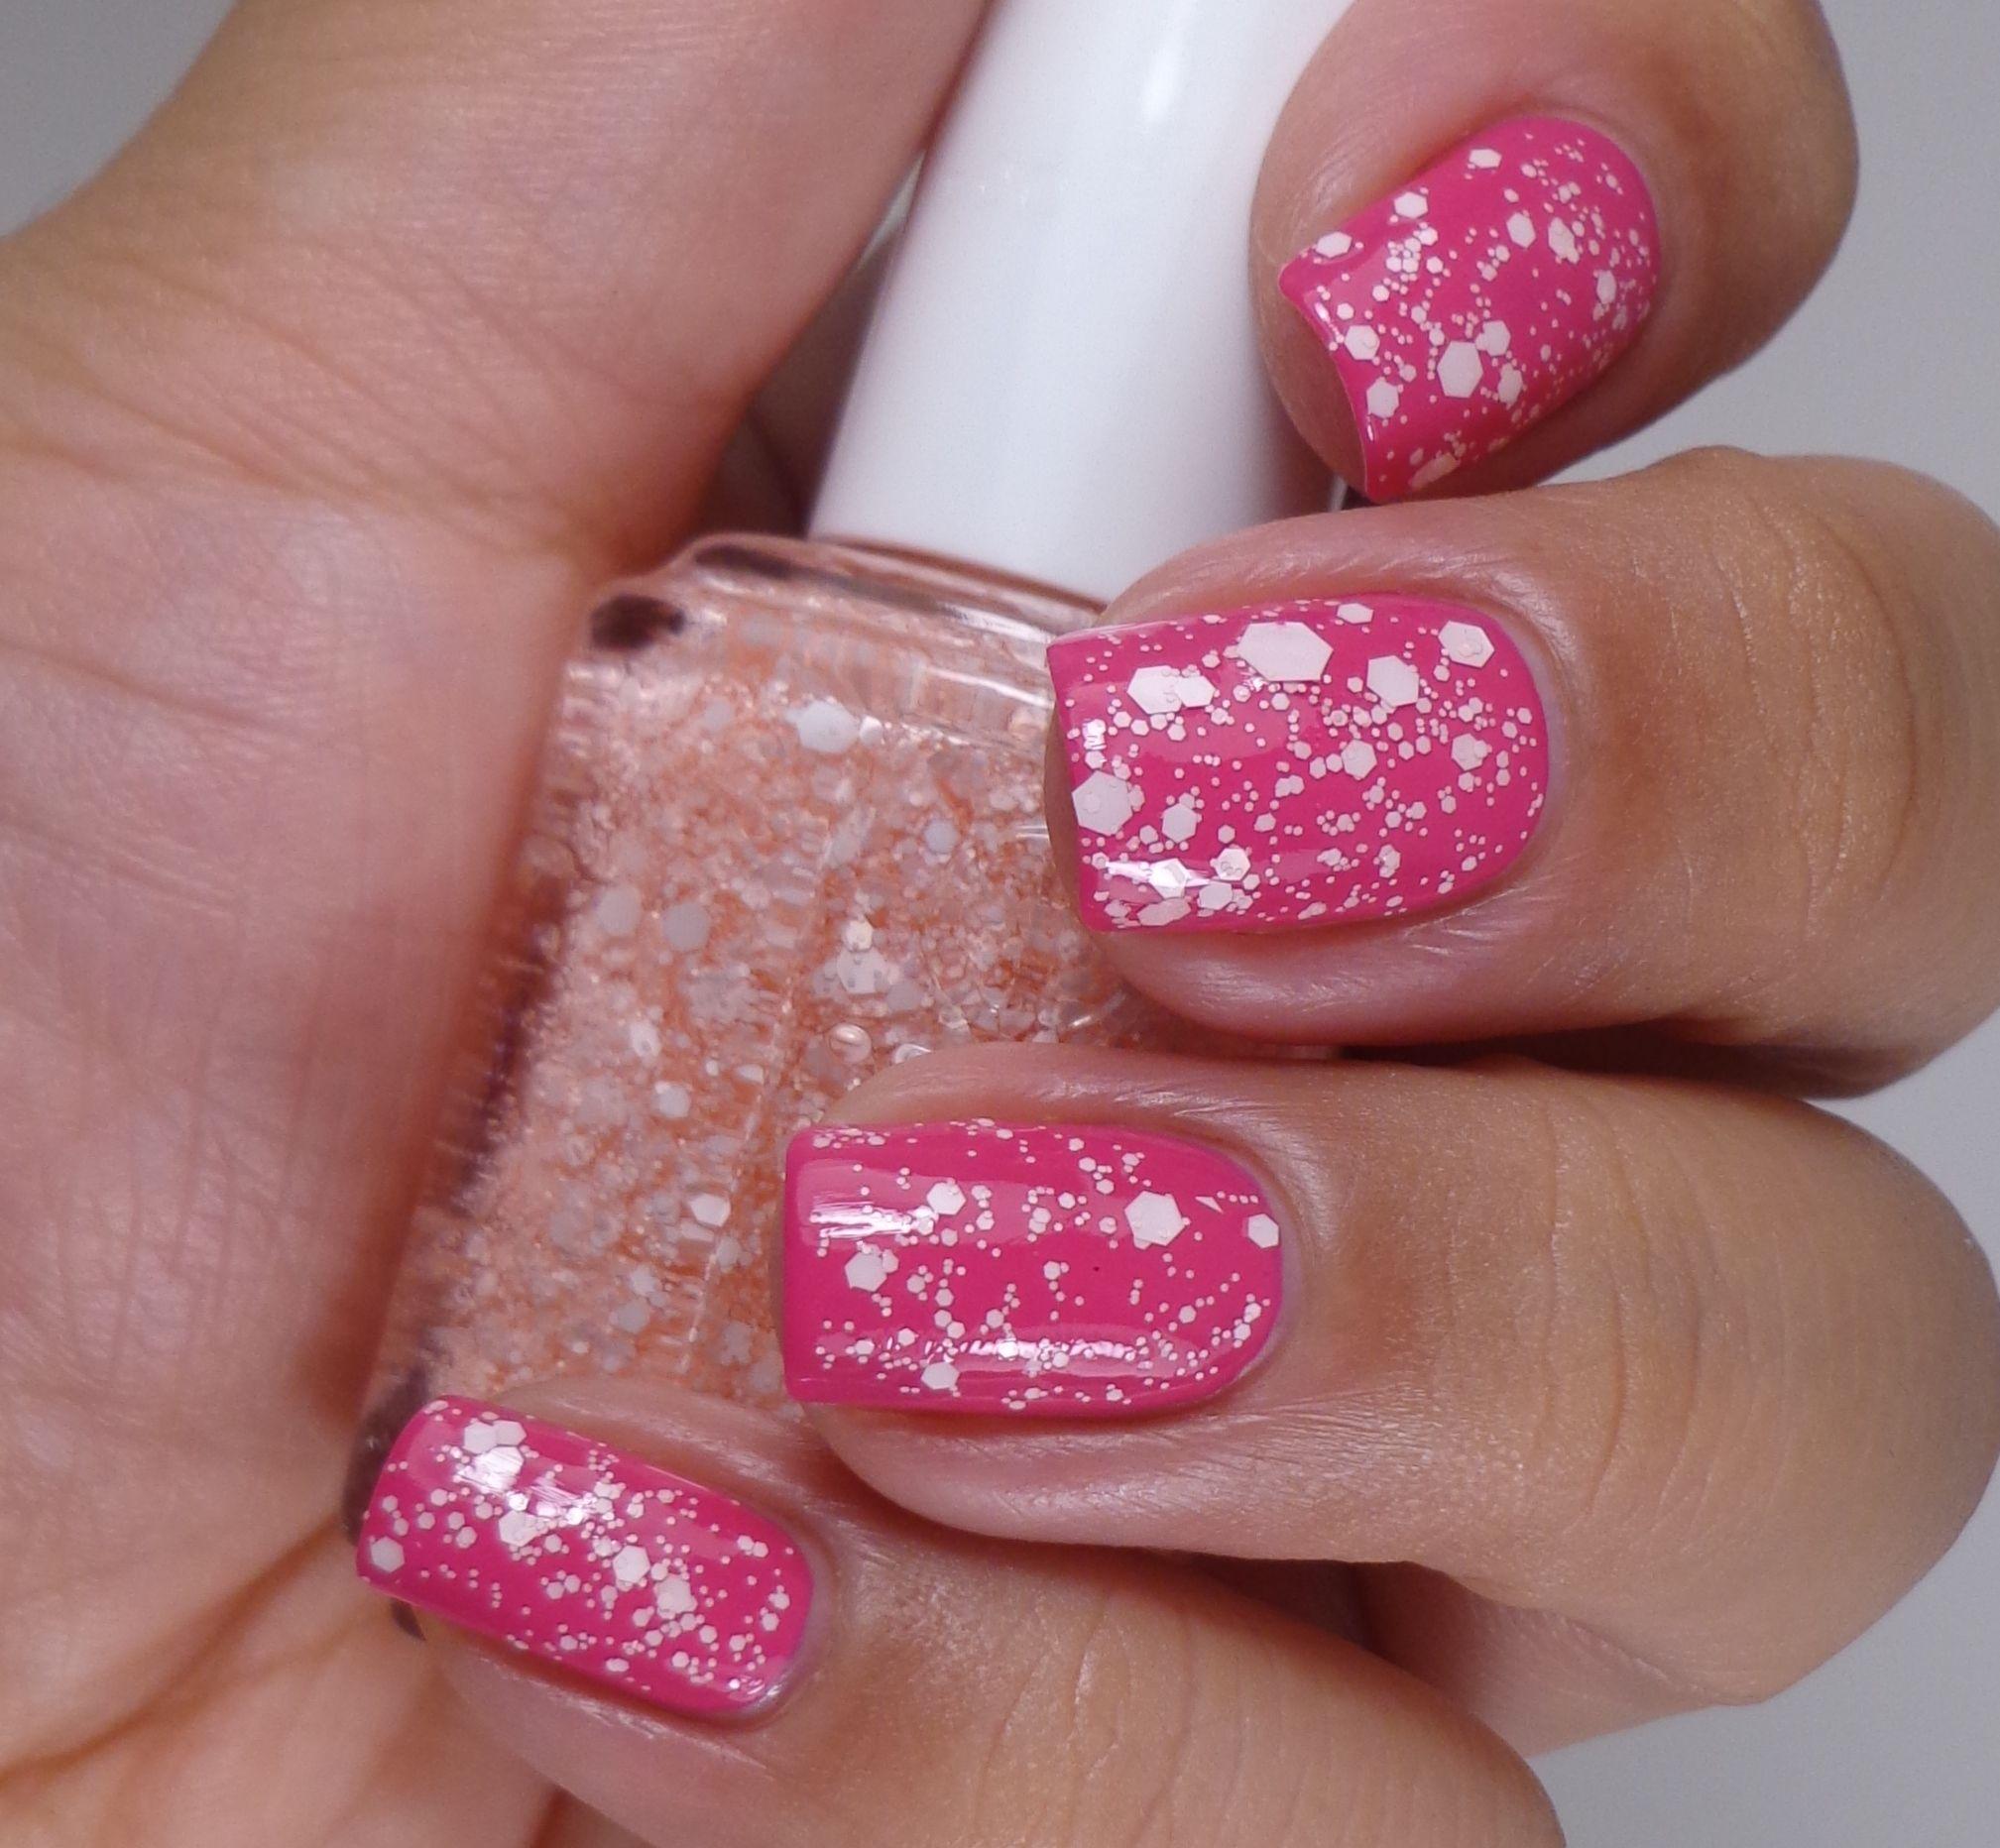 Essie Pinking About You over essie pink happy   esmaltes   Pinterest ...